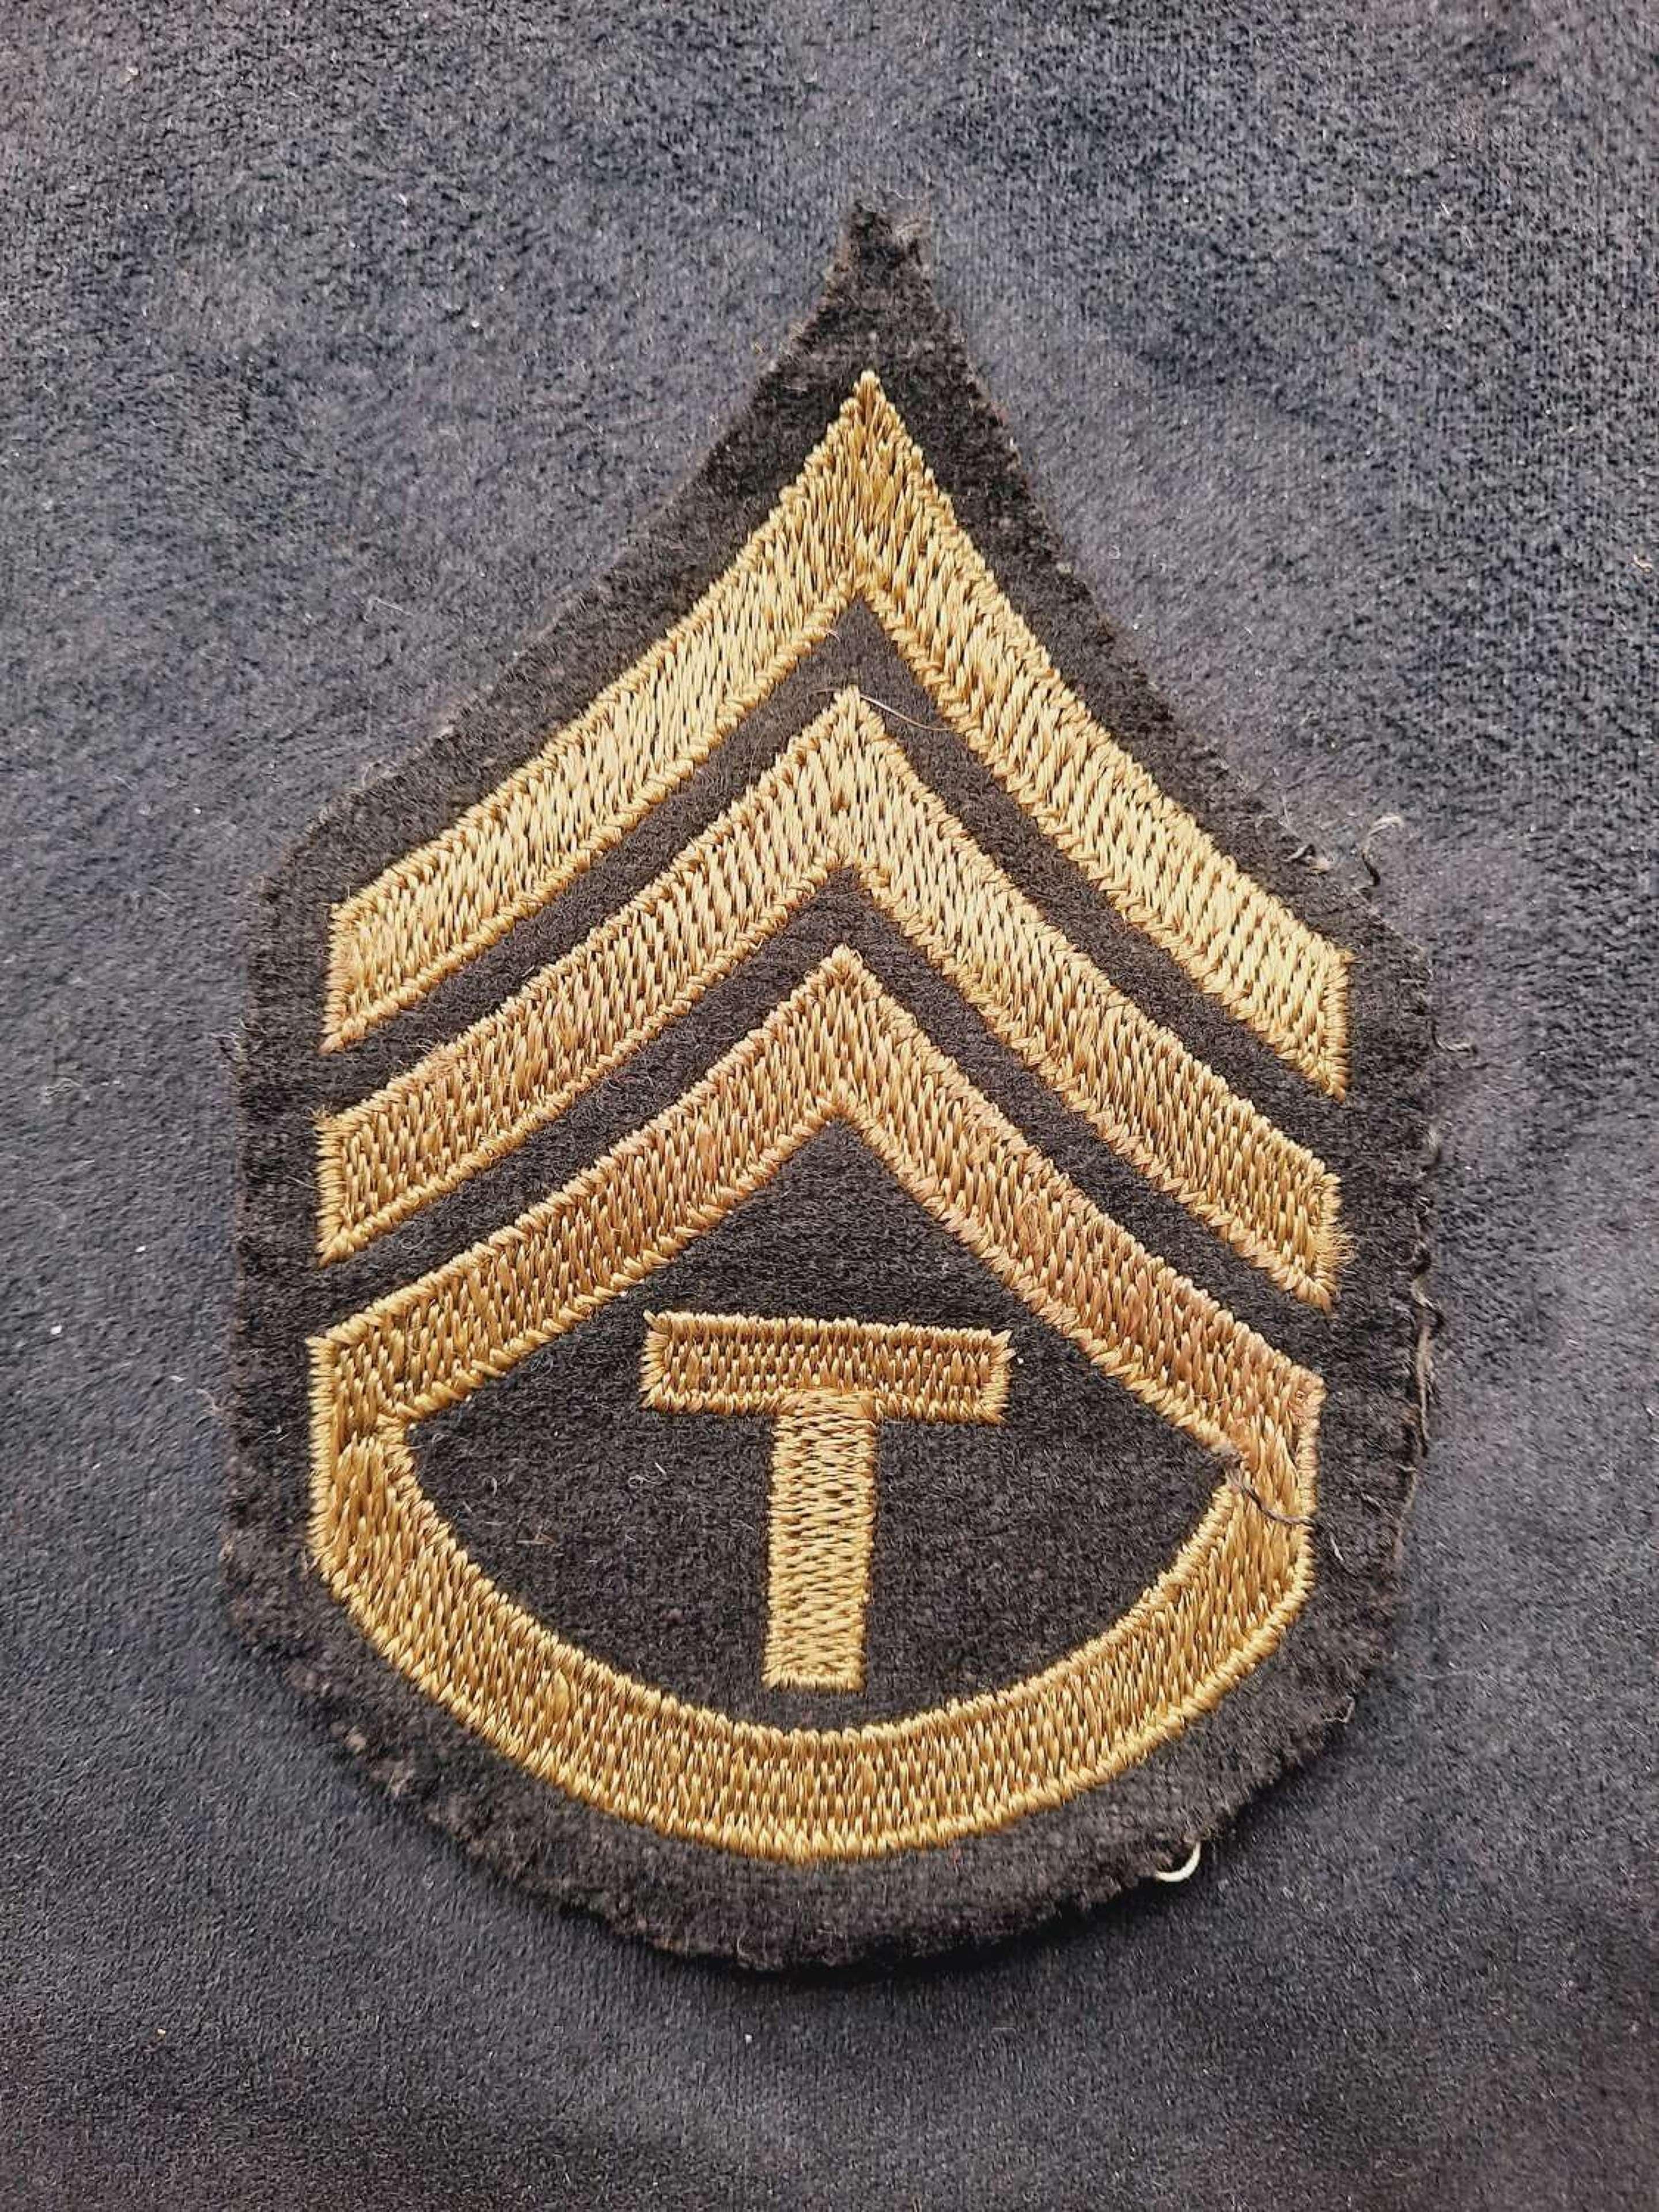 USAAF Technician 3rd Grade Patch